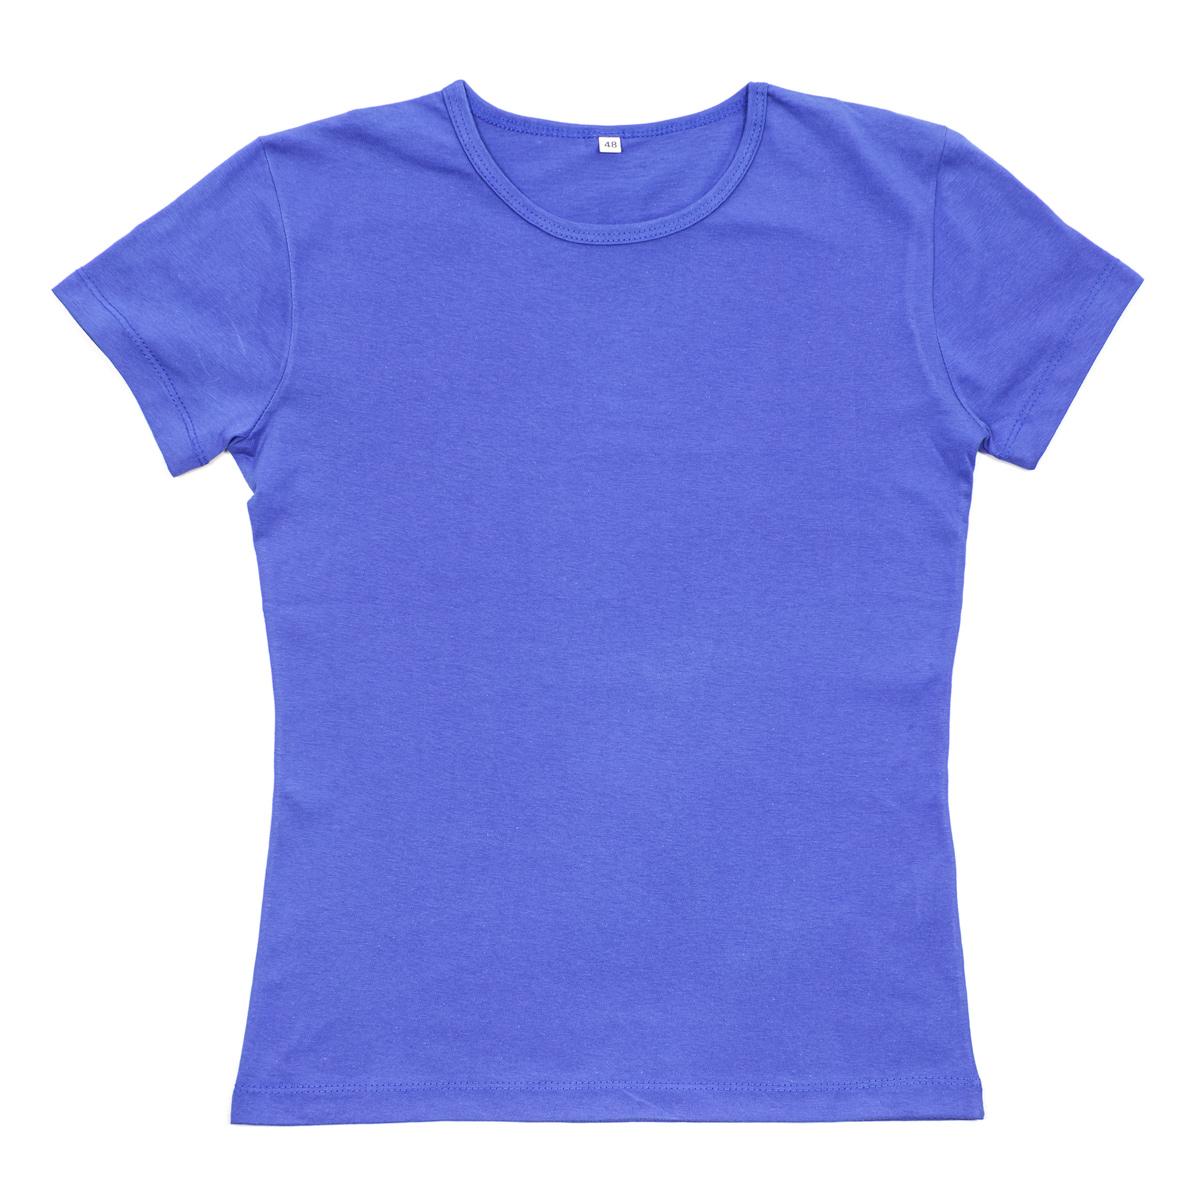 Жен. футболка арт. 04-0007 Белый р. 50Майки и футболки<br><br><br>Тип: Жен. футболка<br>Размер: 50<br>Материал: Кулирка